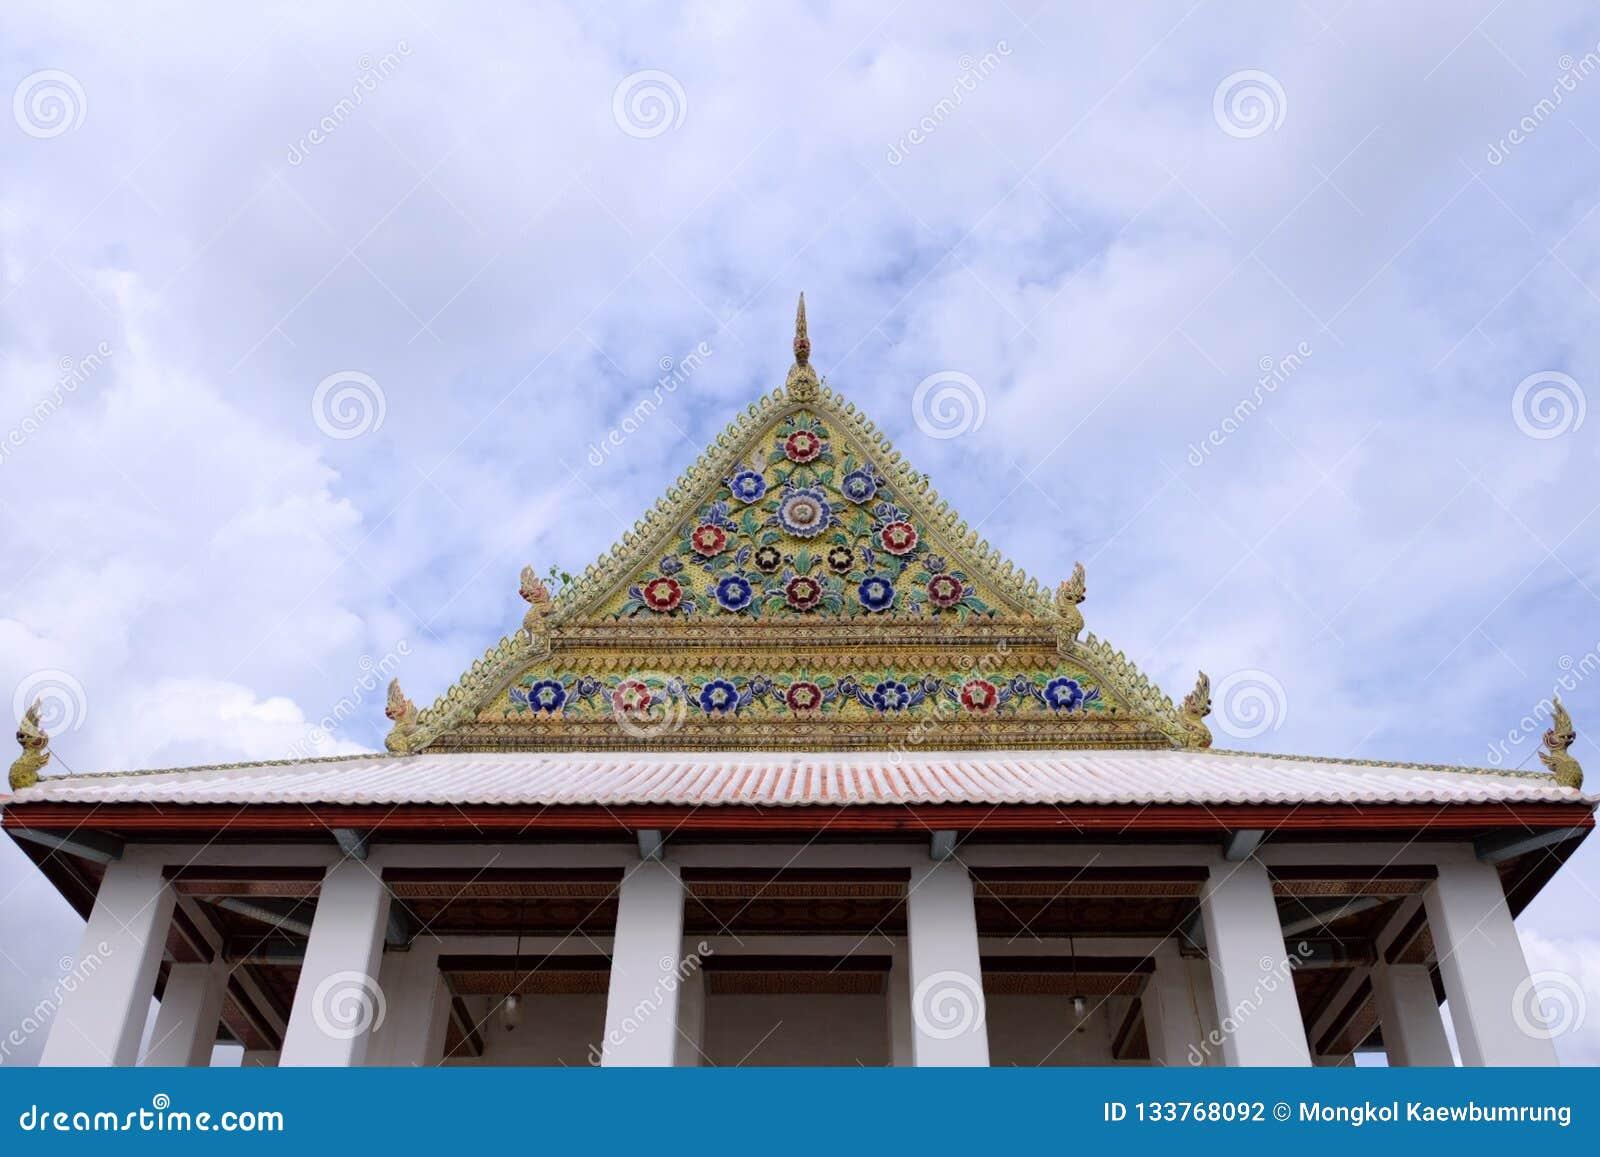 Thailändischer königlicher Schongebiet-Giebel von Wat Chaloem Phra Kiat Worawihan